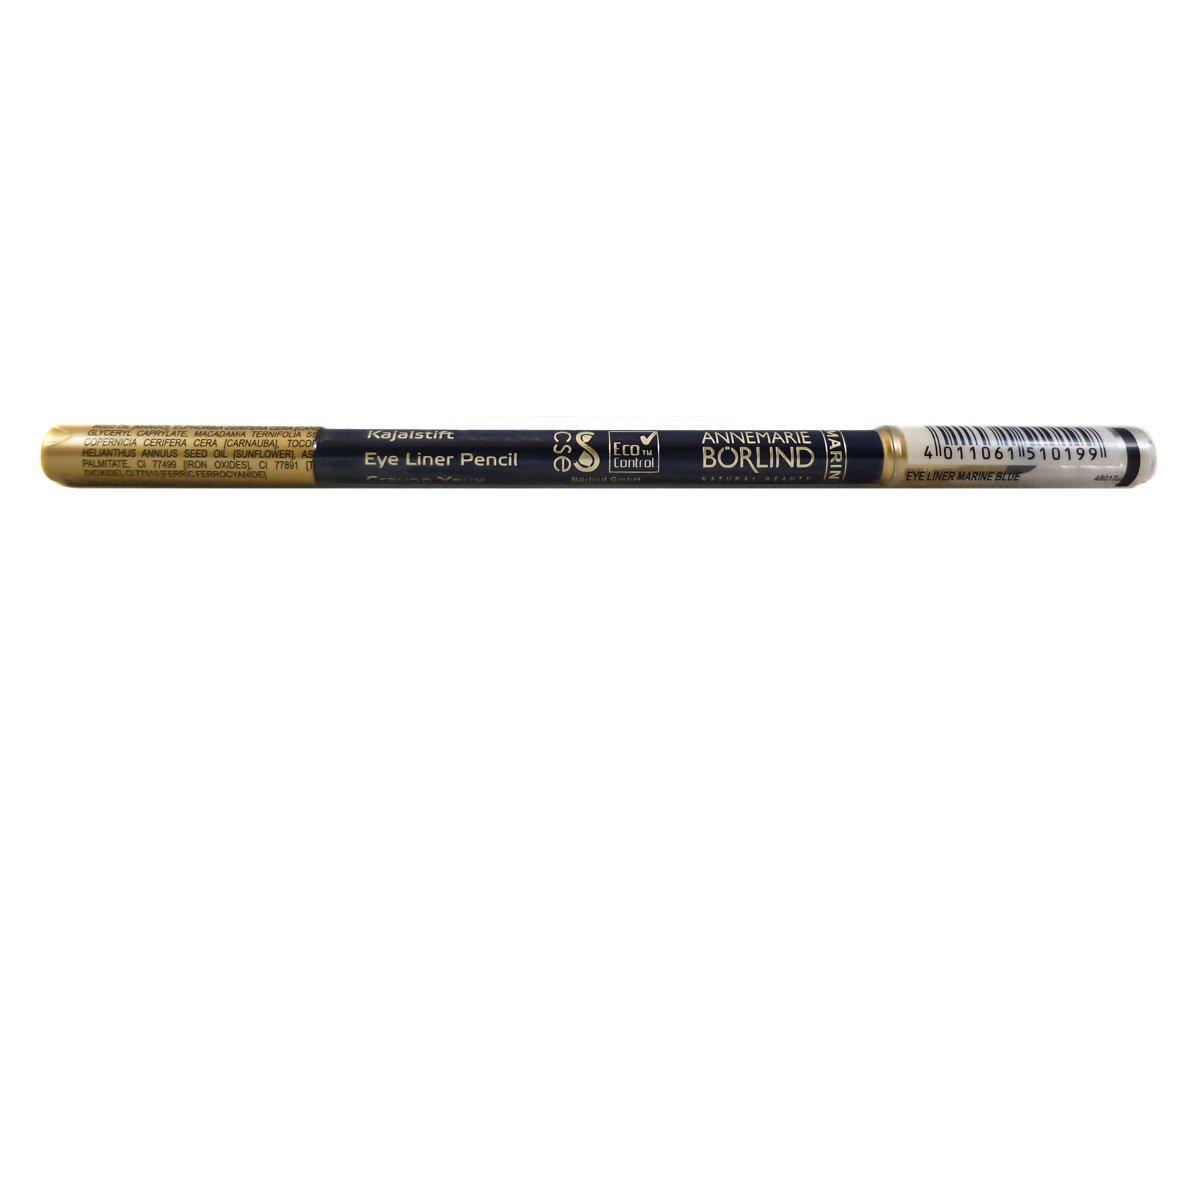 Annemarie Börlind Eye Liner Pencil Nr. 19 marine blue, 1er Pack (1 x 1 ml) 4011061510199